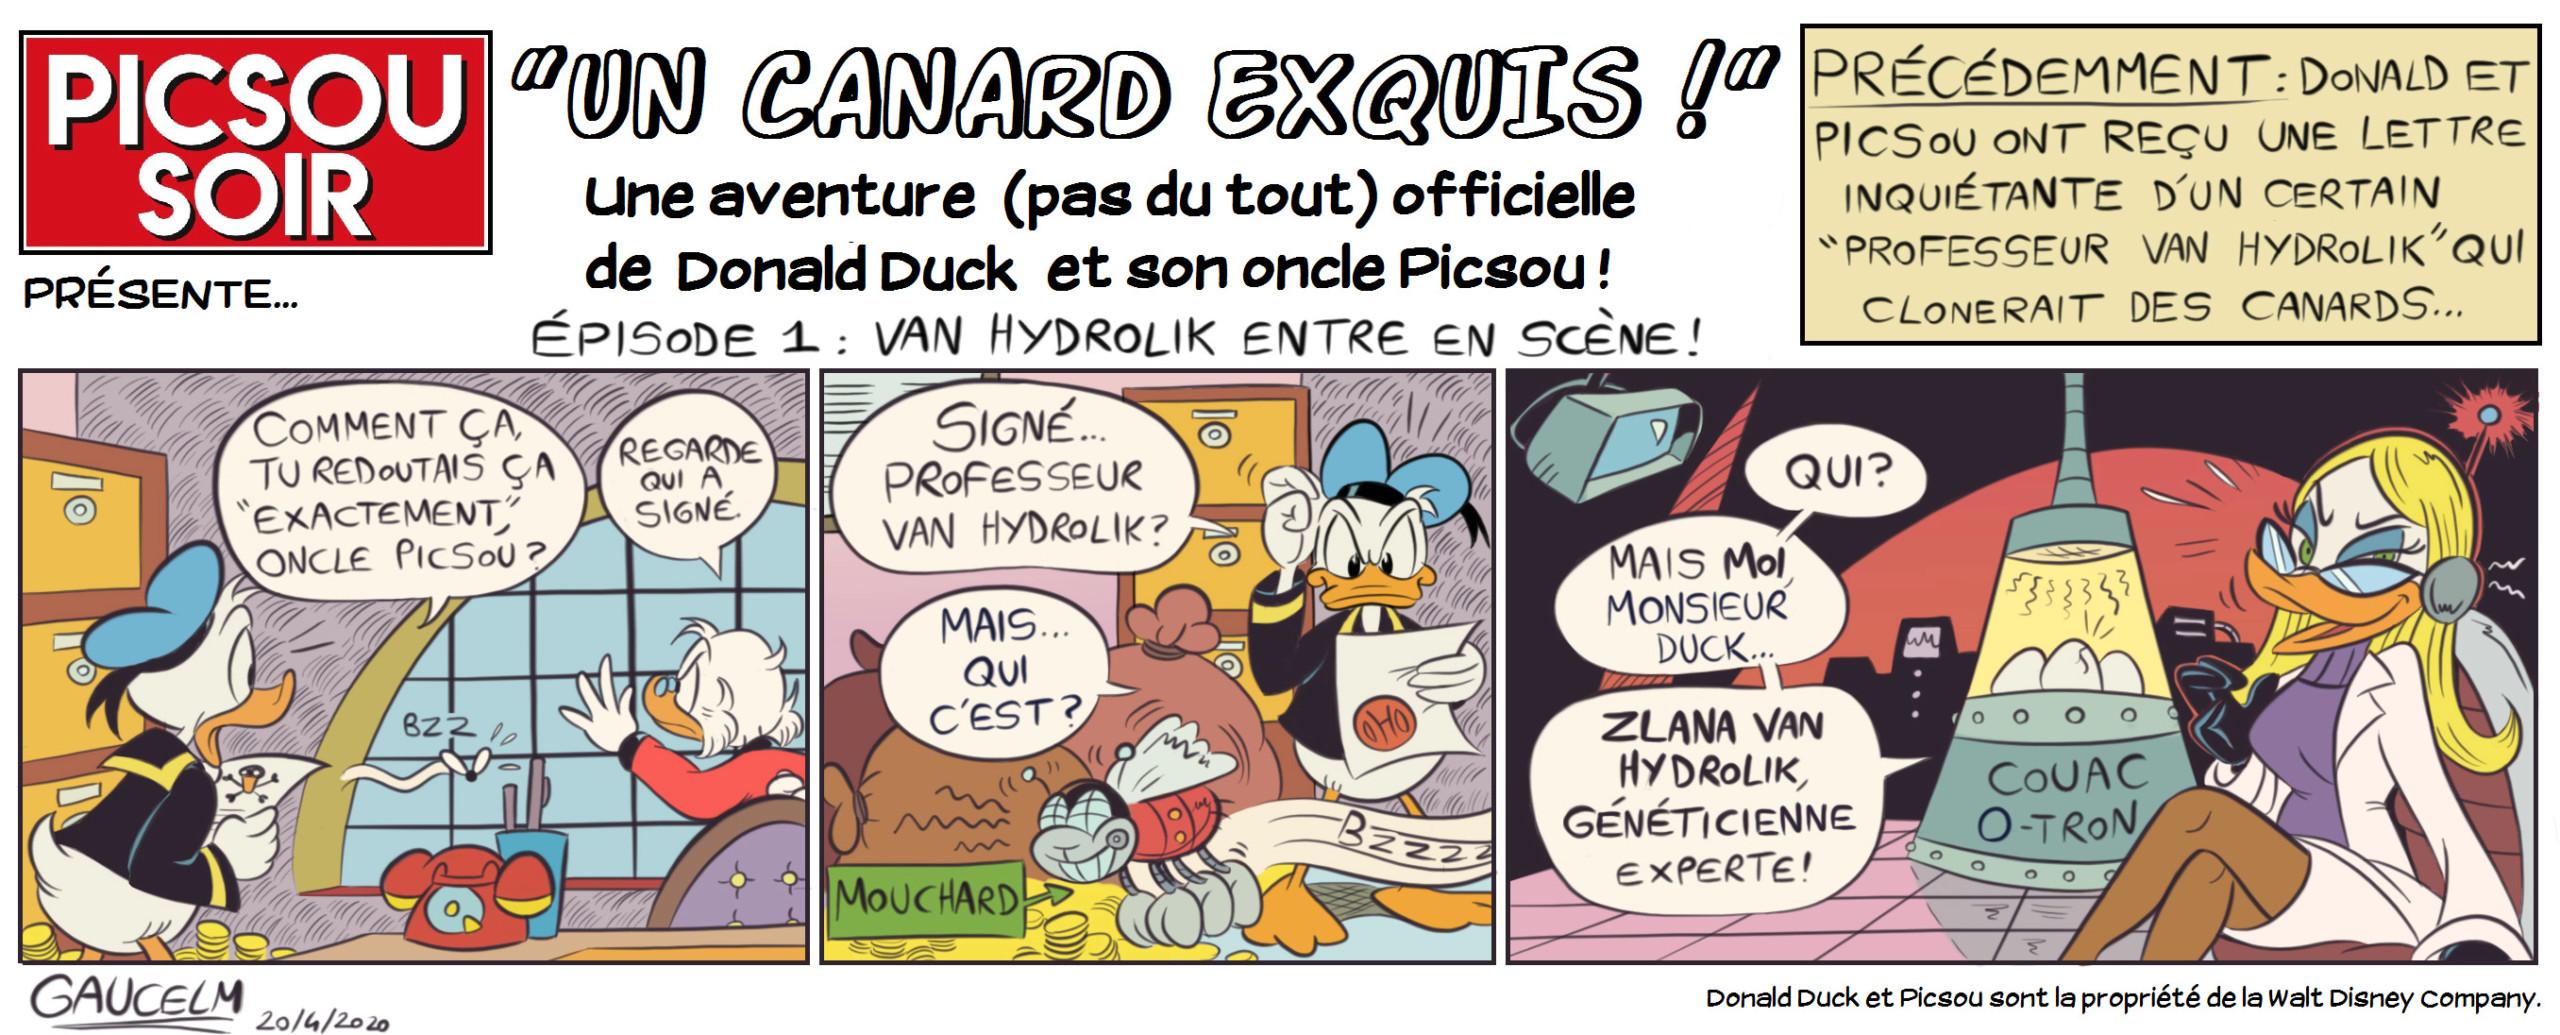 """""""Un Canard Exquis"""" : jeu collaboratif pour les artistes (avec Picsou Soir) Picsou22"""